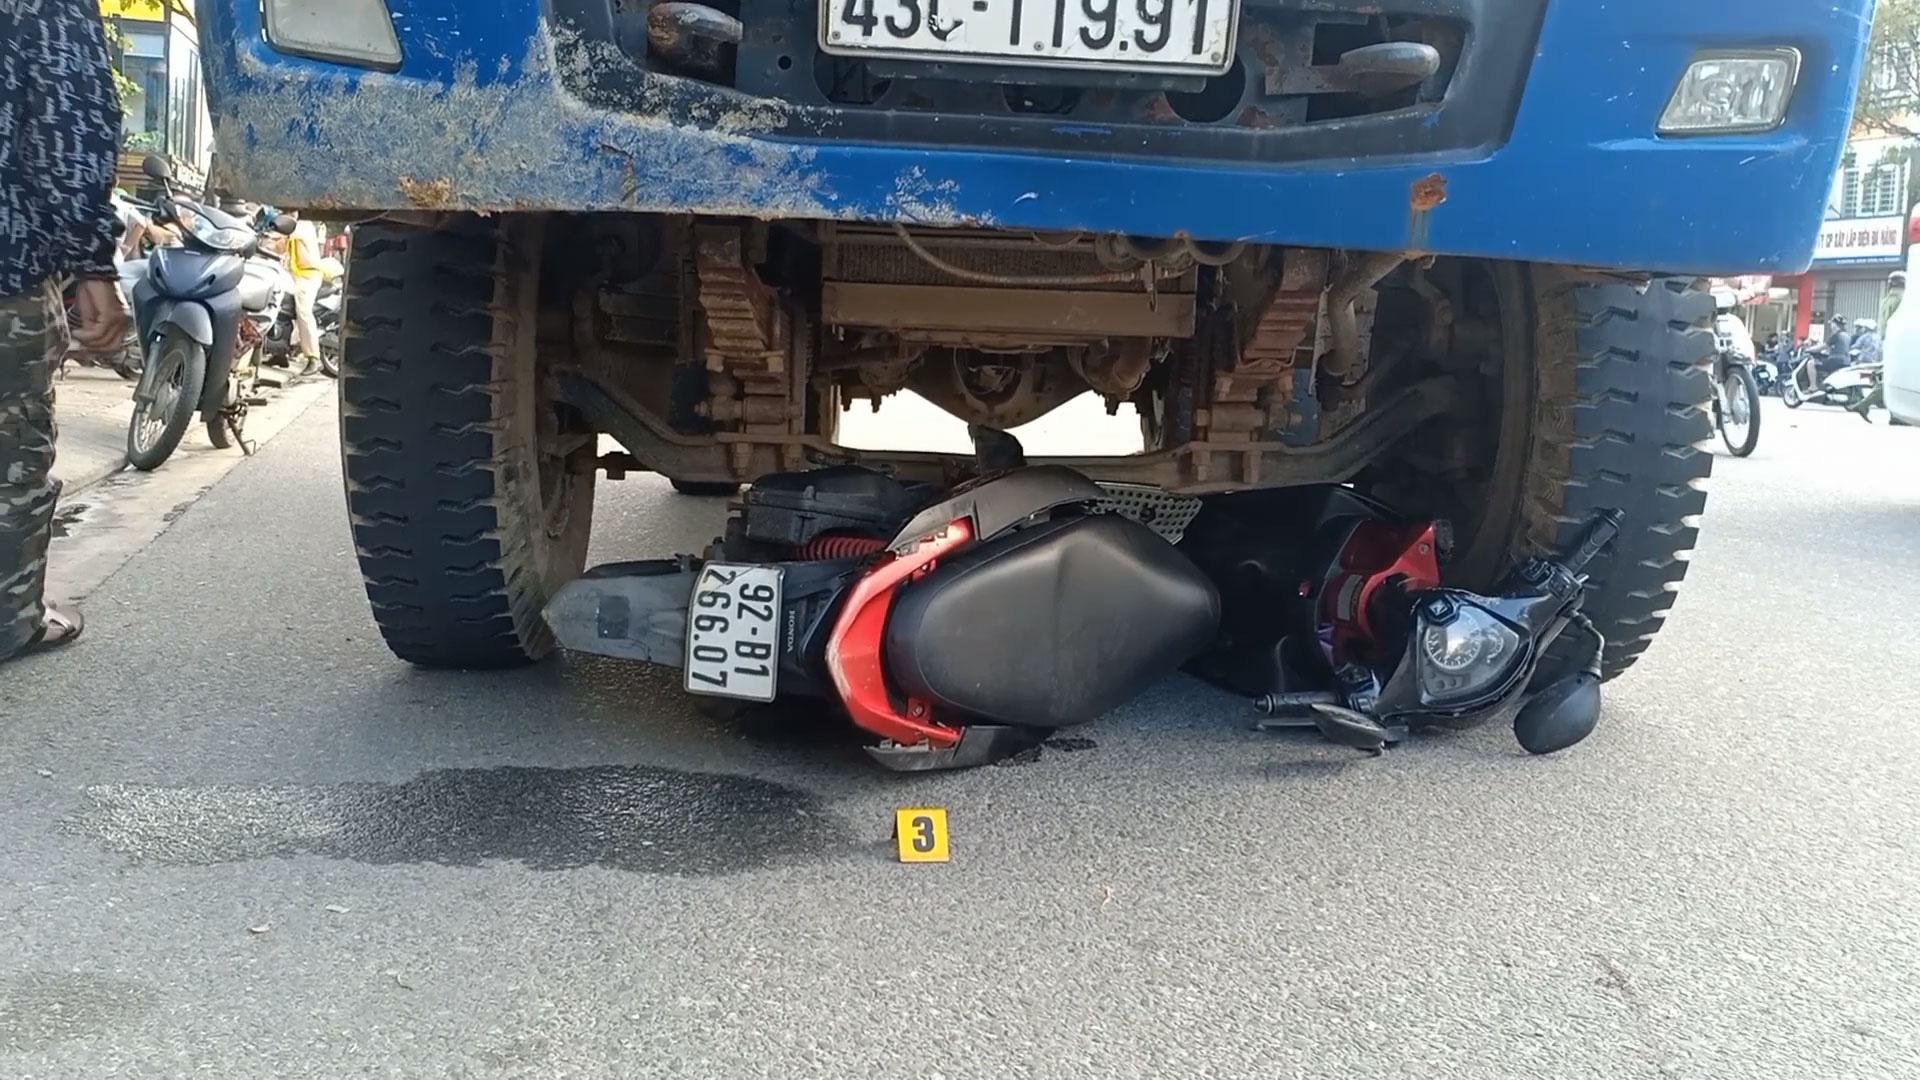 Bàng hoàng cô gái bị xe tải tông chết khi đang dừng đèn đỏ | Thời sự |  Media | Thanh Niên